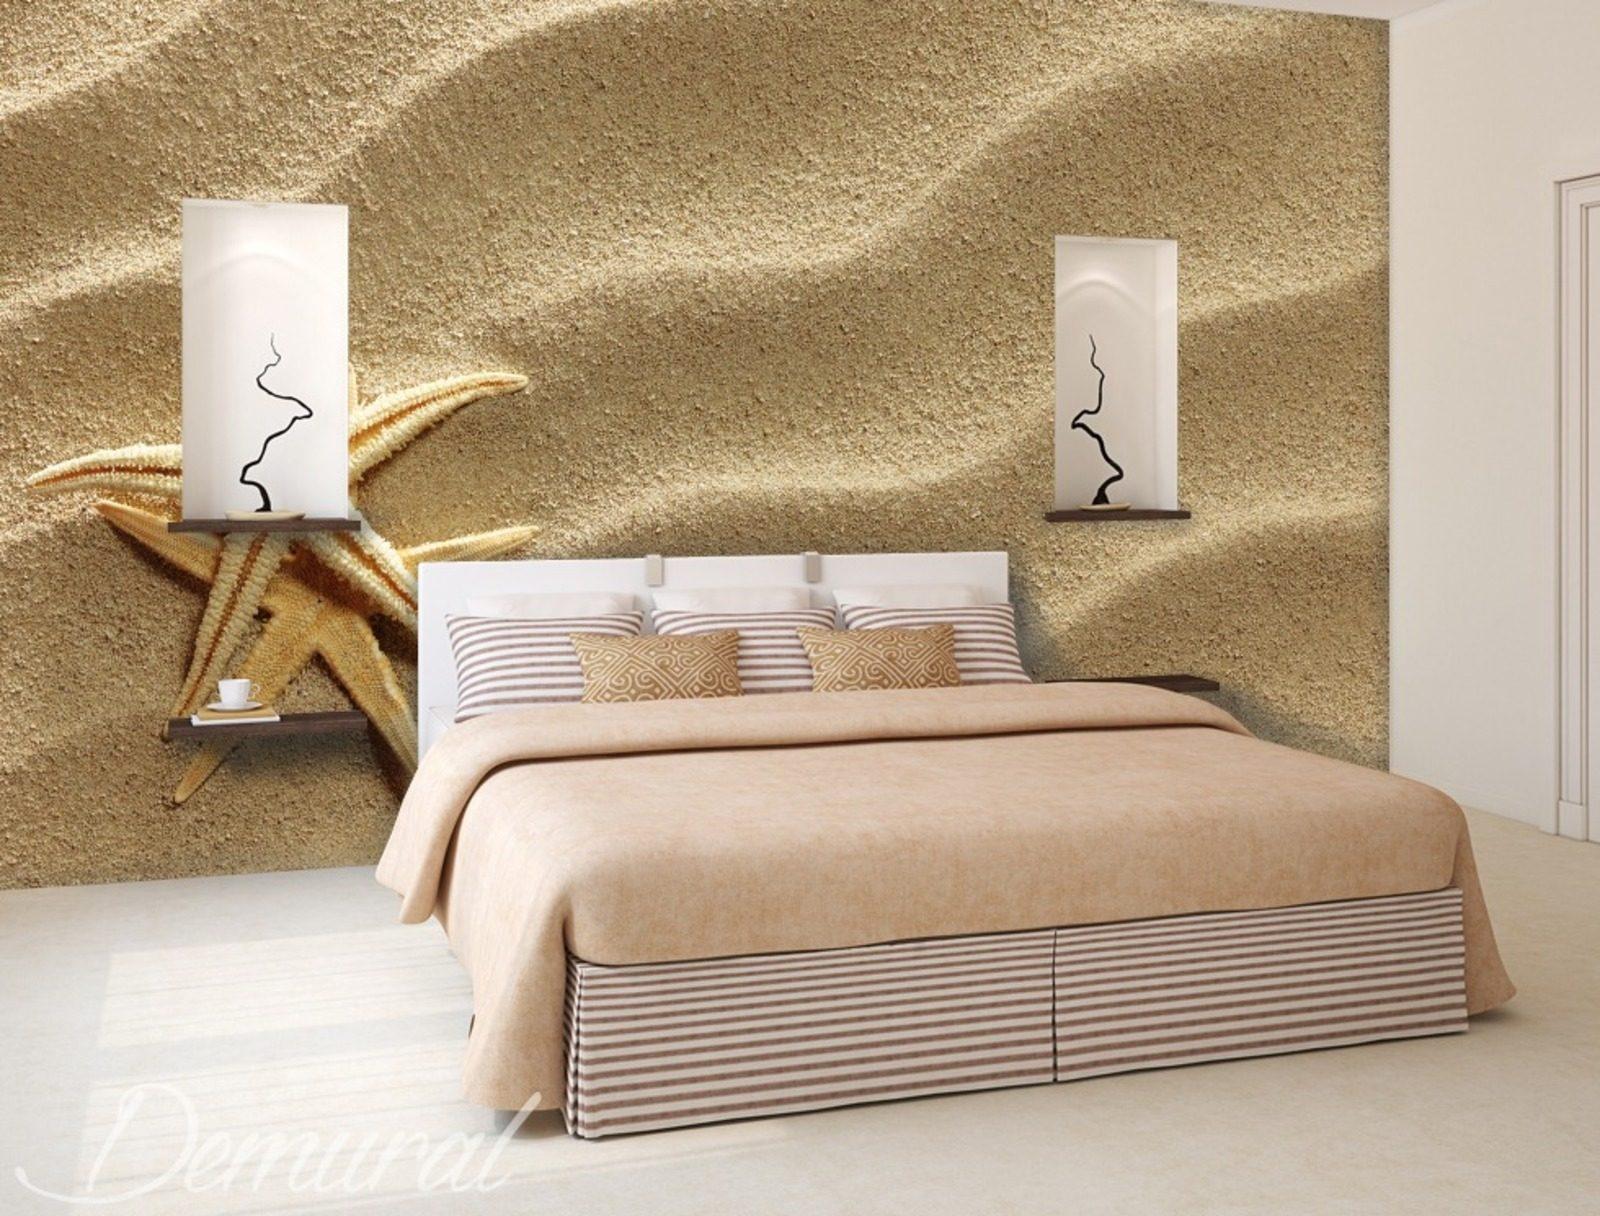 Un bewegliche sande fototapete f r schlafzimmer for Schlafzimmer fototapete